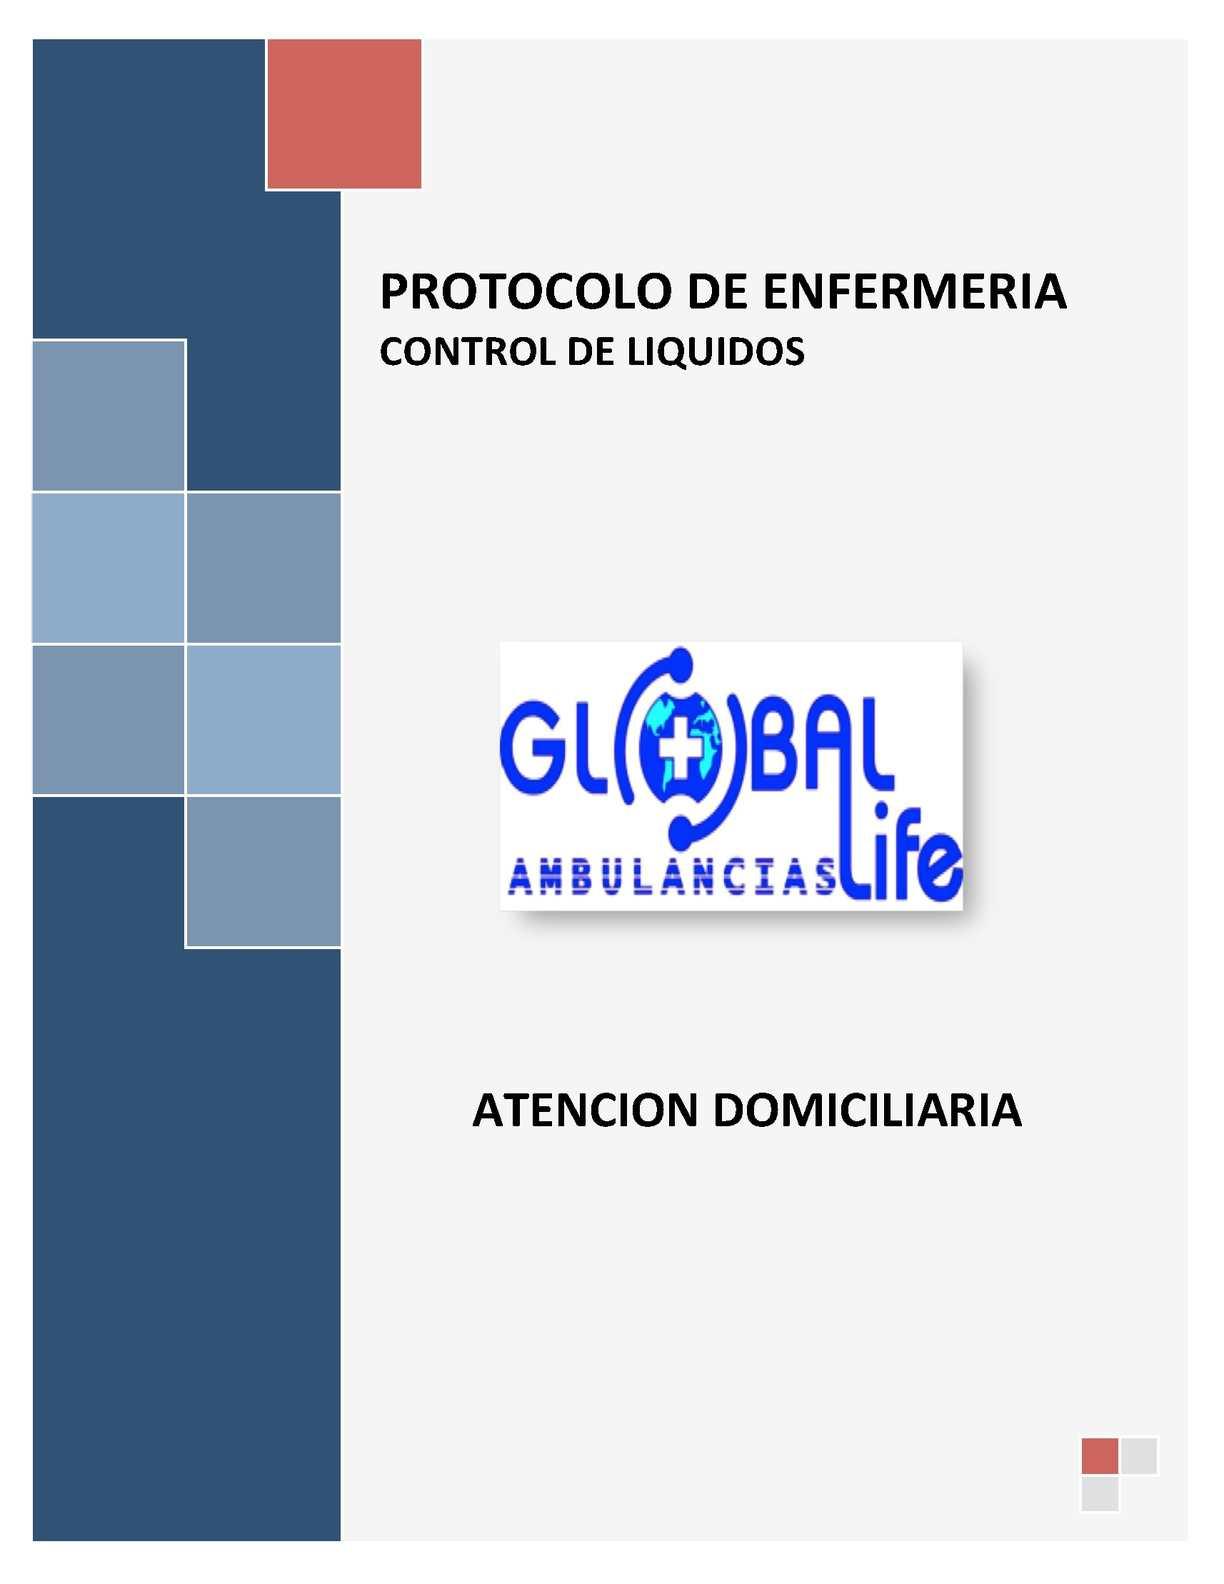 14 Protocolo Control De Liquidos